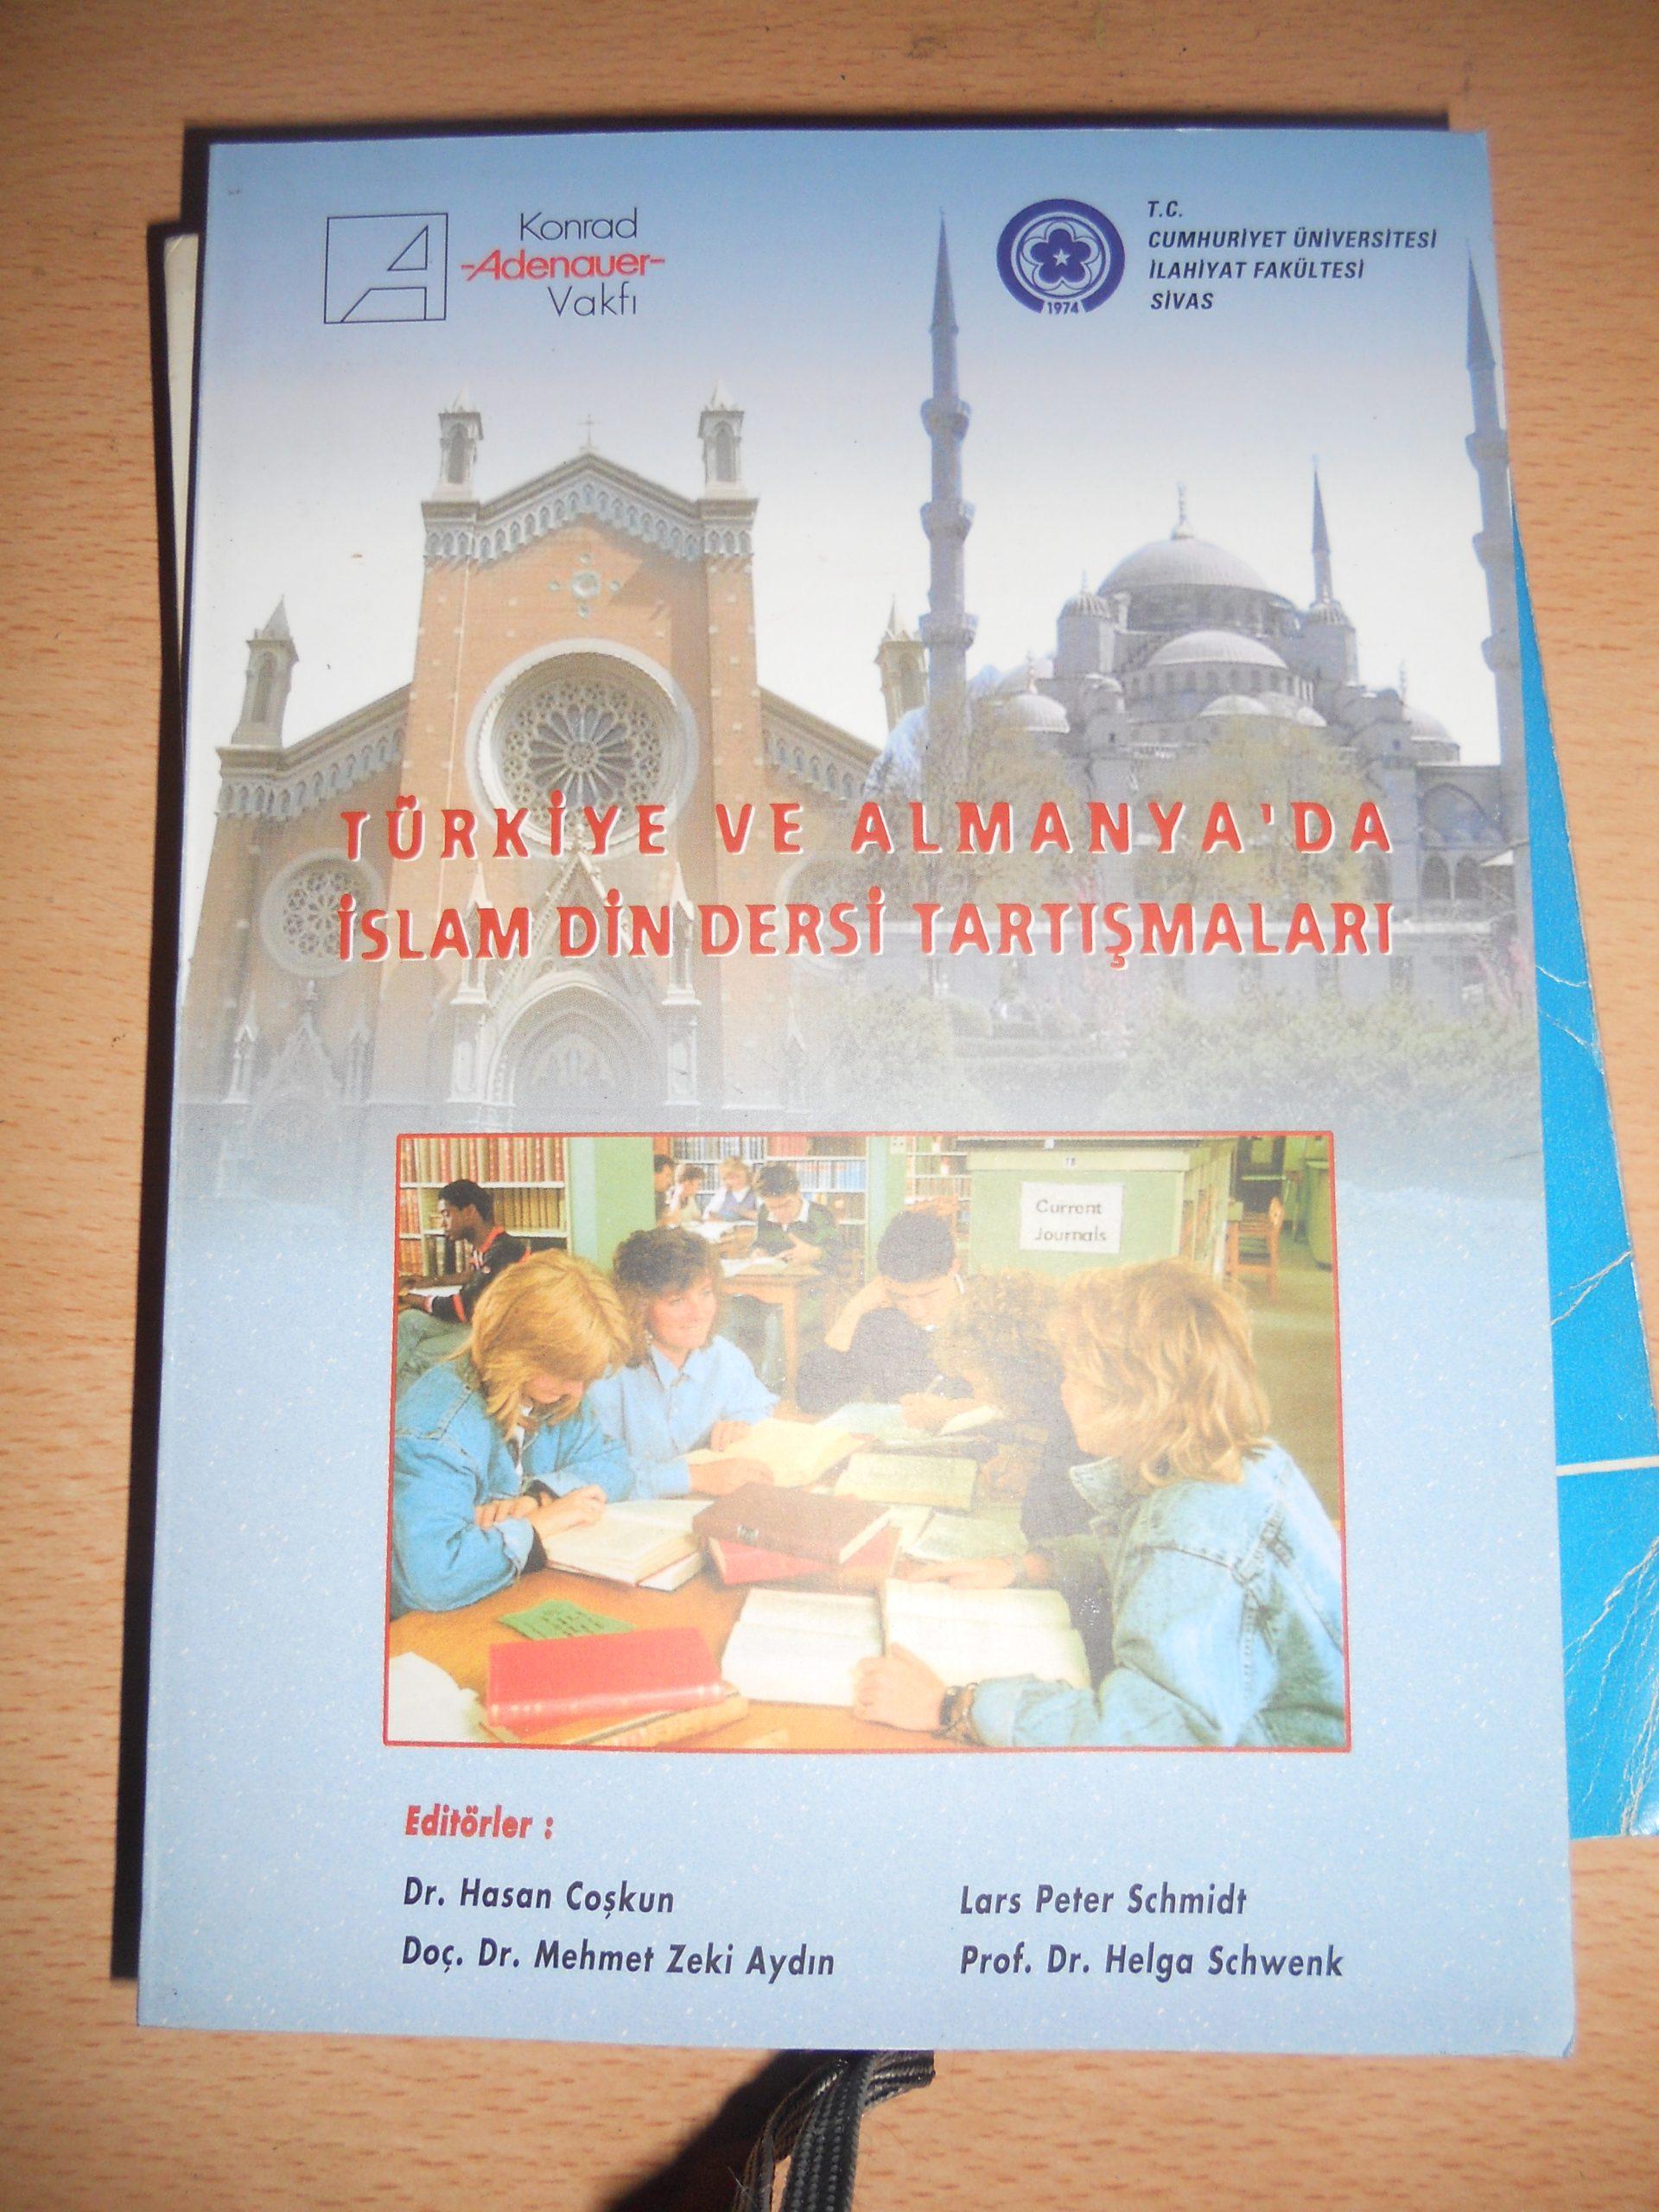 TÜRKİYE VE ALMANYA'DA İSLAM DİN DERSİ TARTIŞMALARI/ L.P.SCHMİDT,H.COŞKUN/ 15 TL